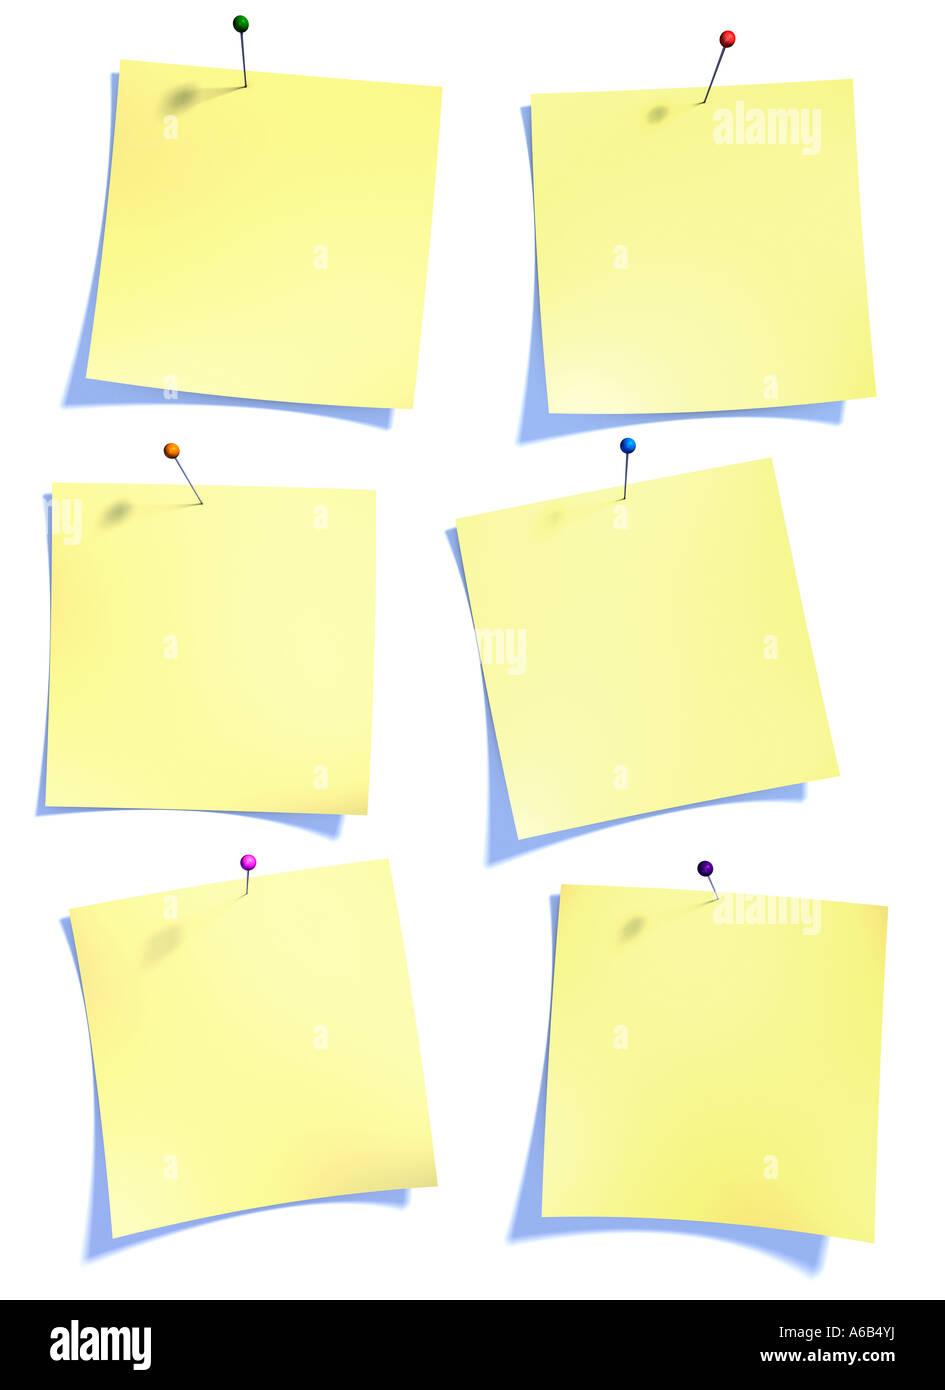 Papel post es símbolo de la oficina de información storrage foro blog Imagen De Stock